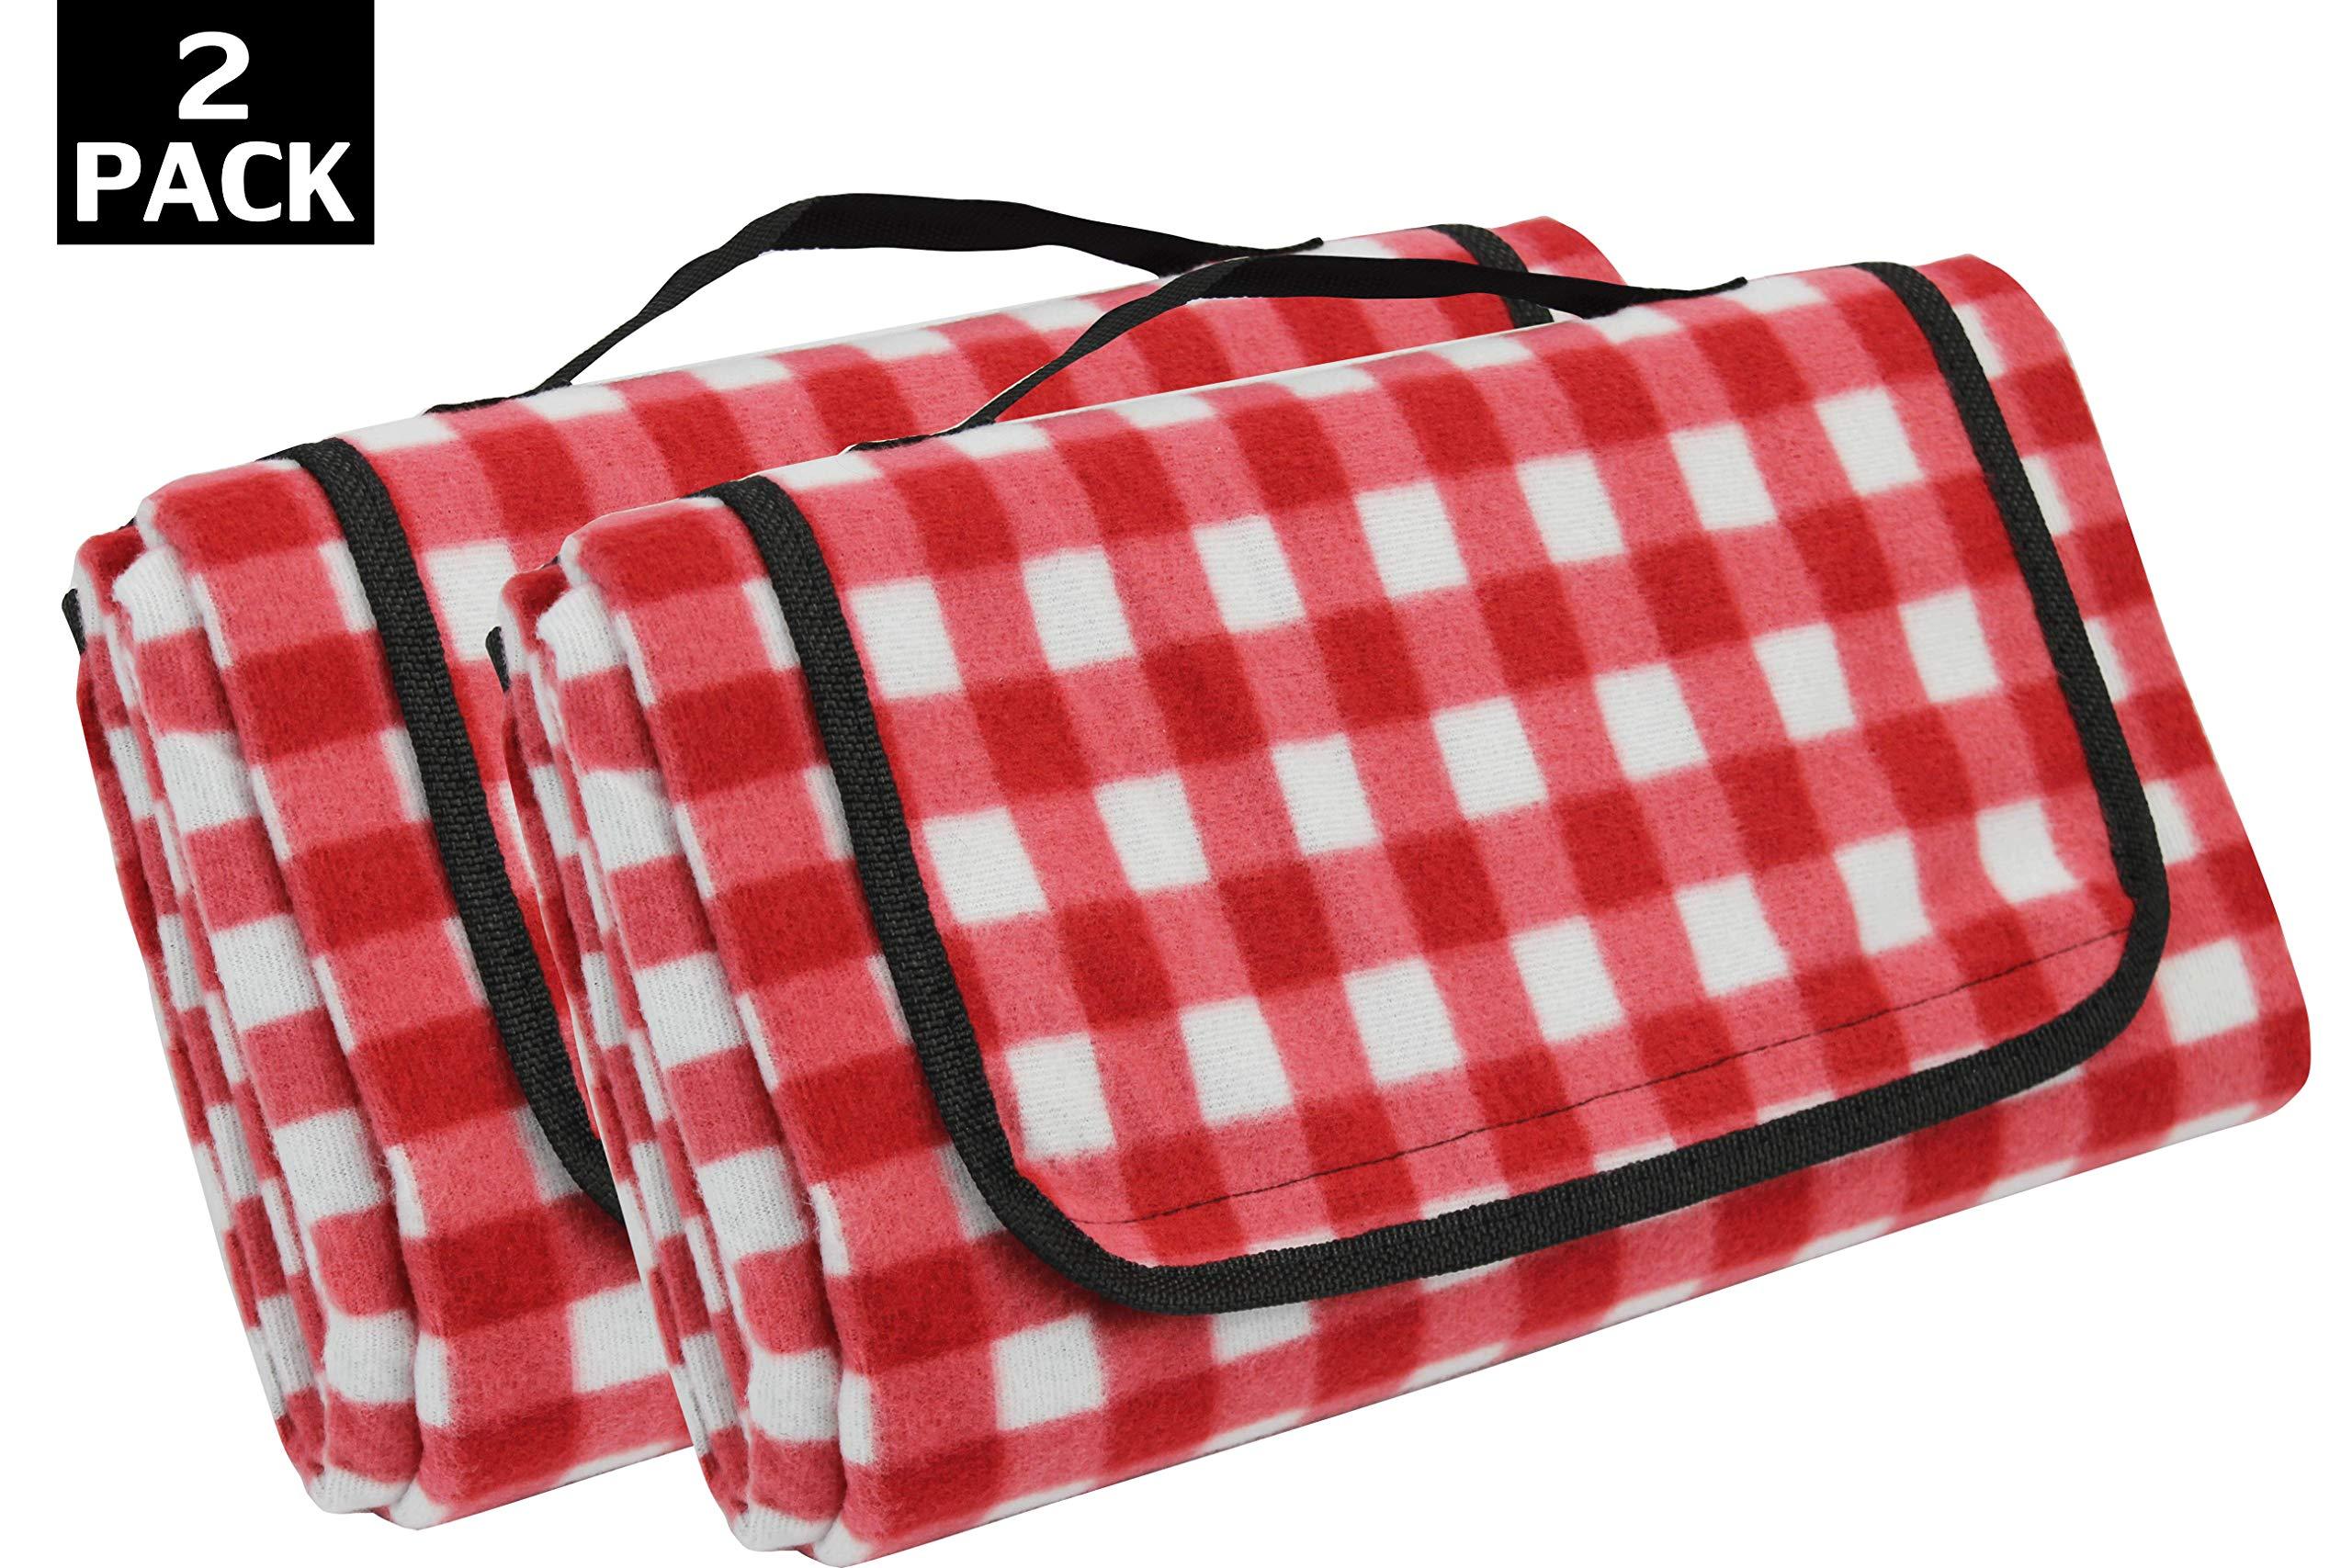 Extra Large Picnic Blanket [2 Pack]   Oversized